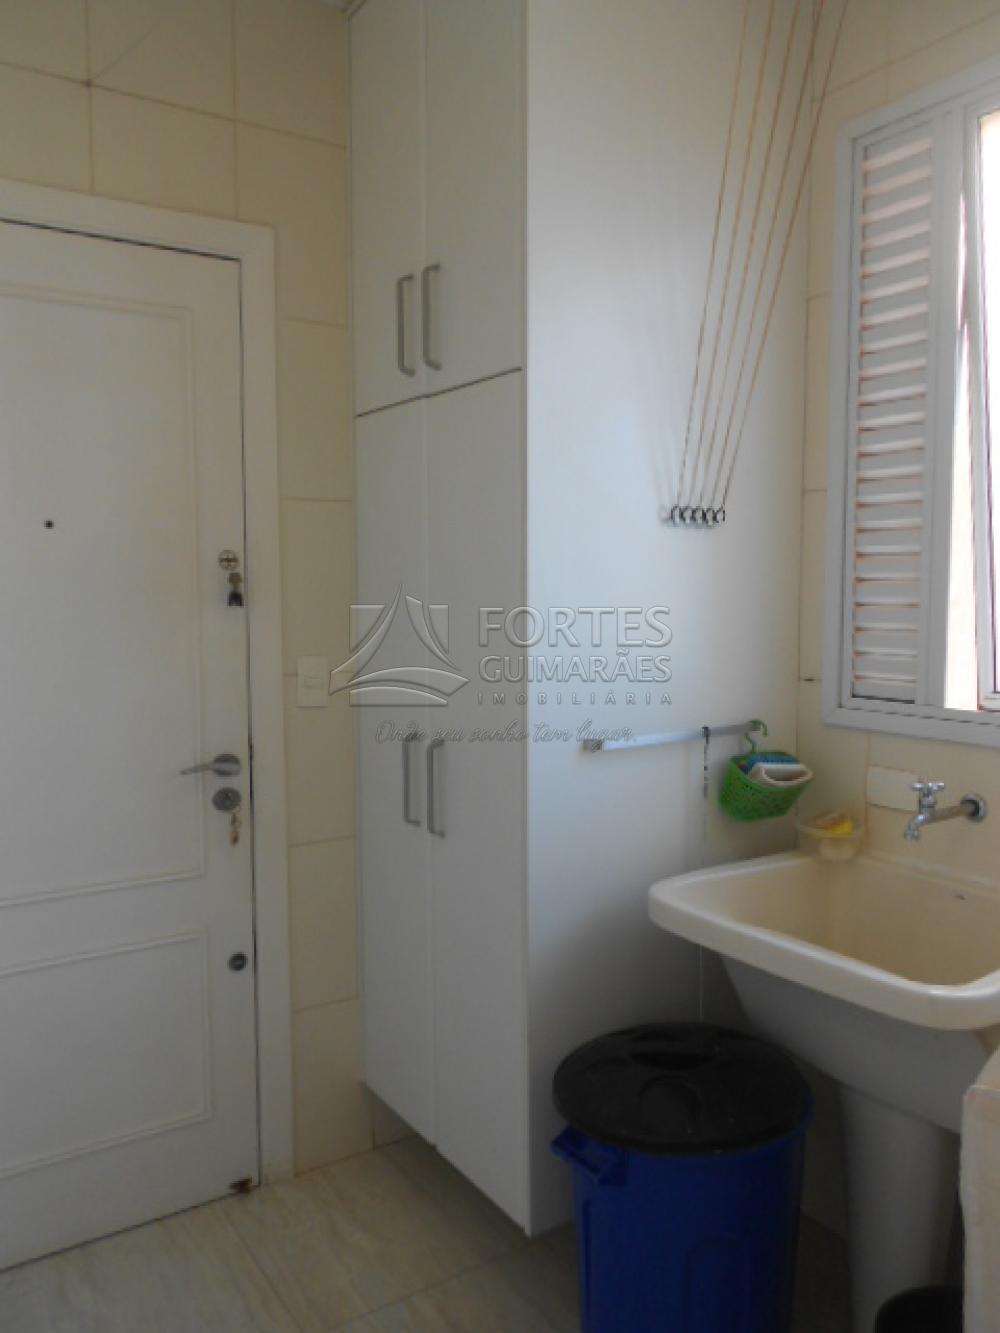 Alugar Apartamentos / Padrão em Ribeirão Preto apenas R$ 5.000,00 - Foto 59